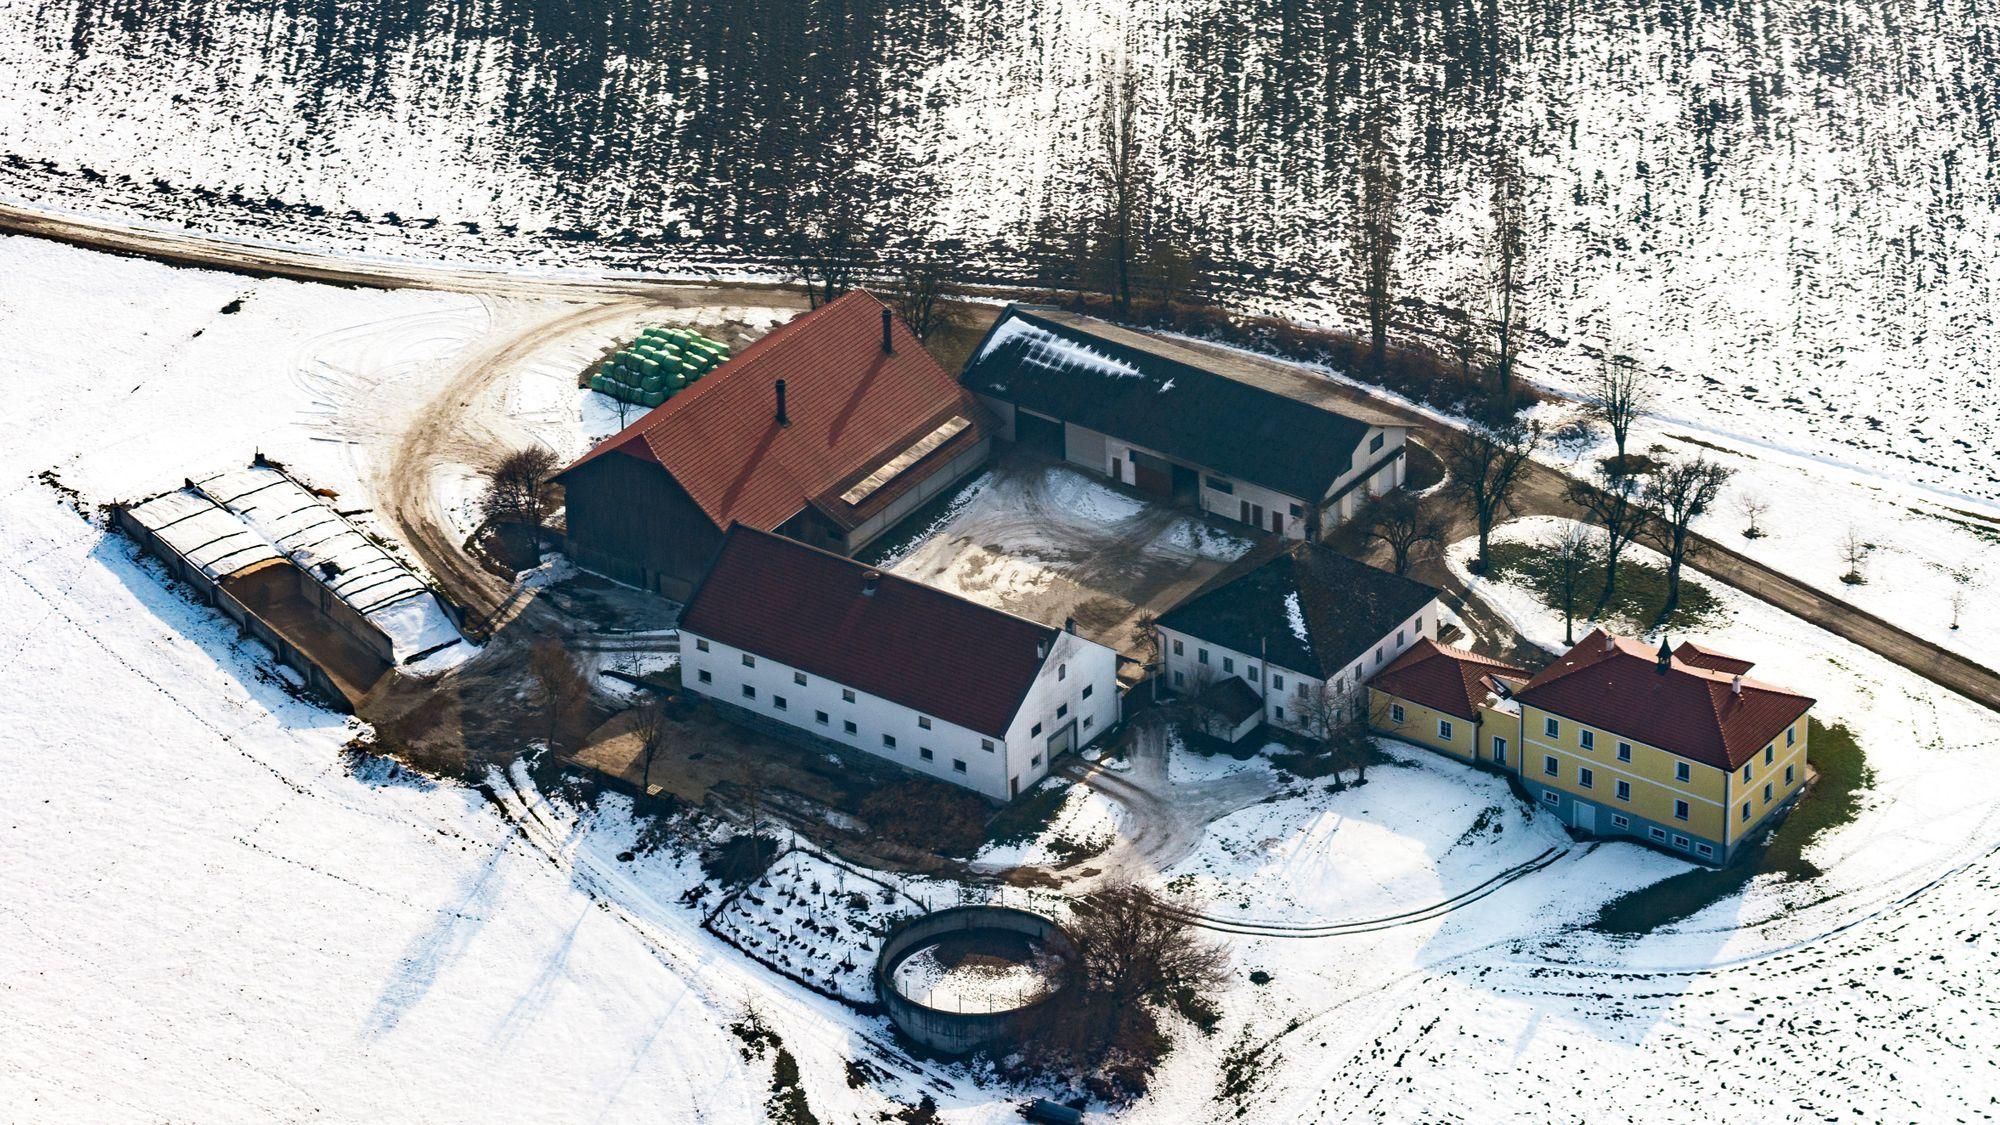 Luftbild des Bauernhofes